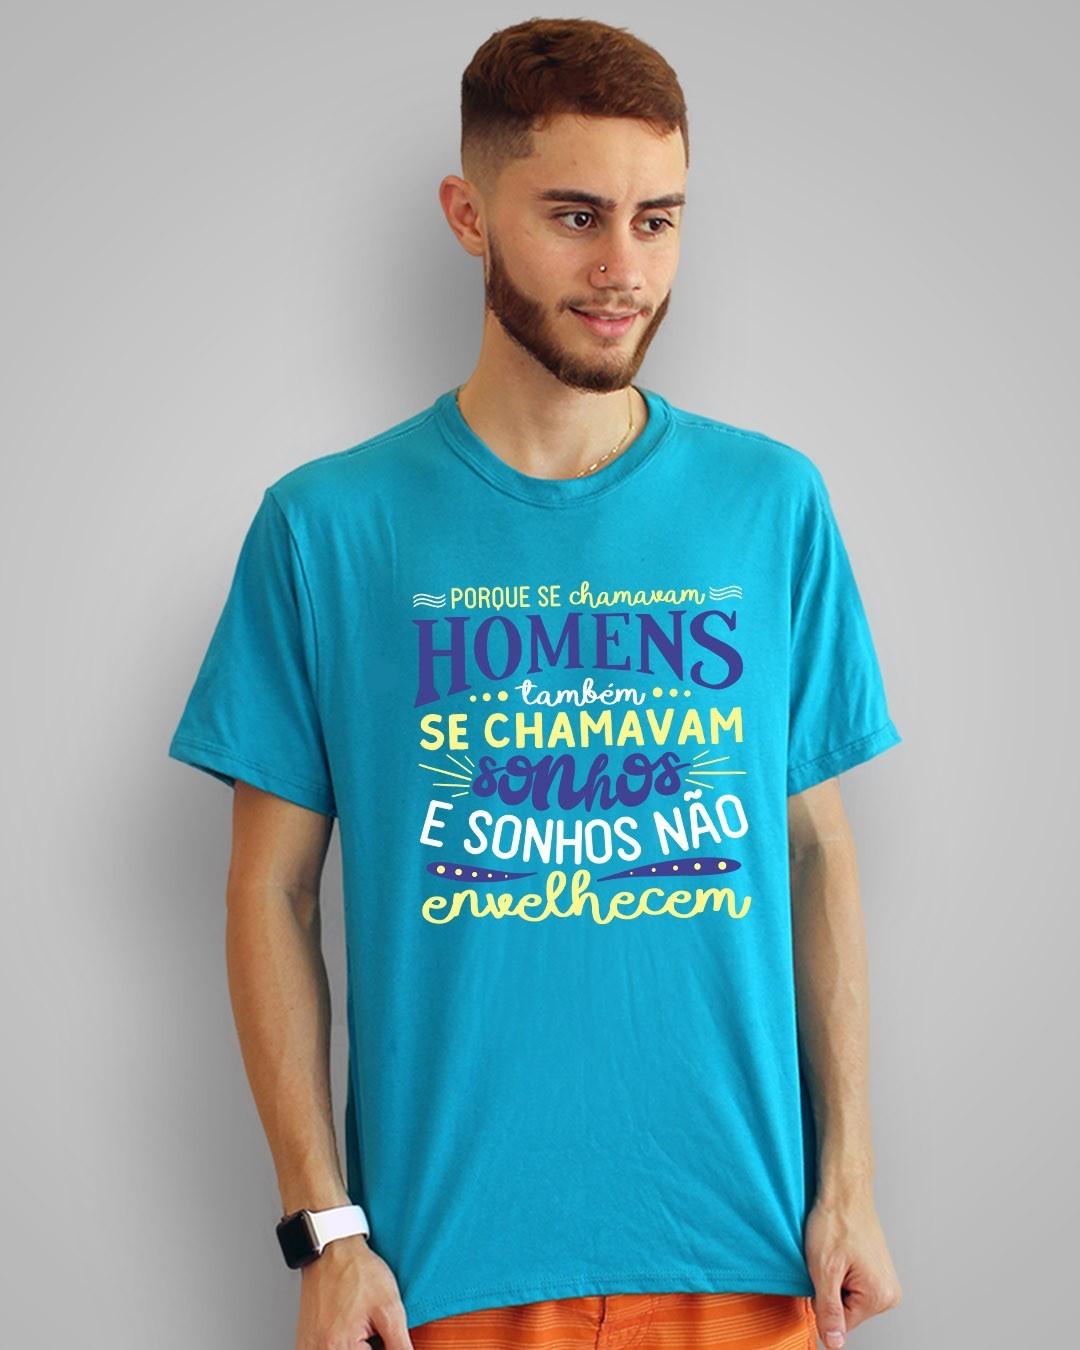 Camiseta Porque se chamavam homens, também se chamavam sonhos e sonhos não envelhecem - Clube da Esquina